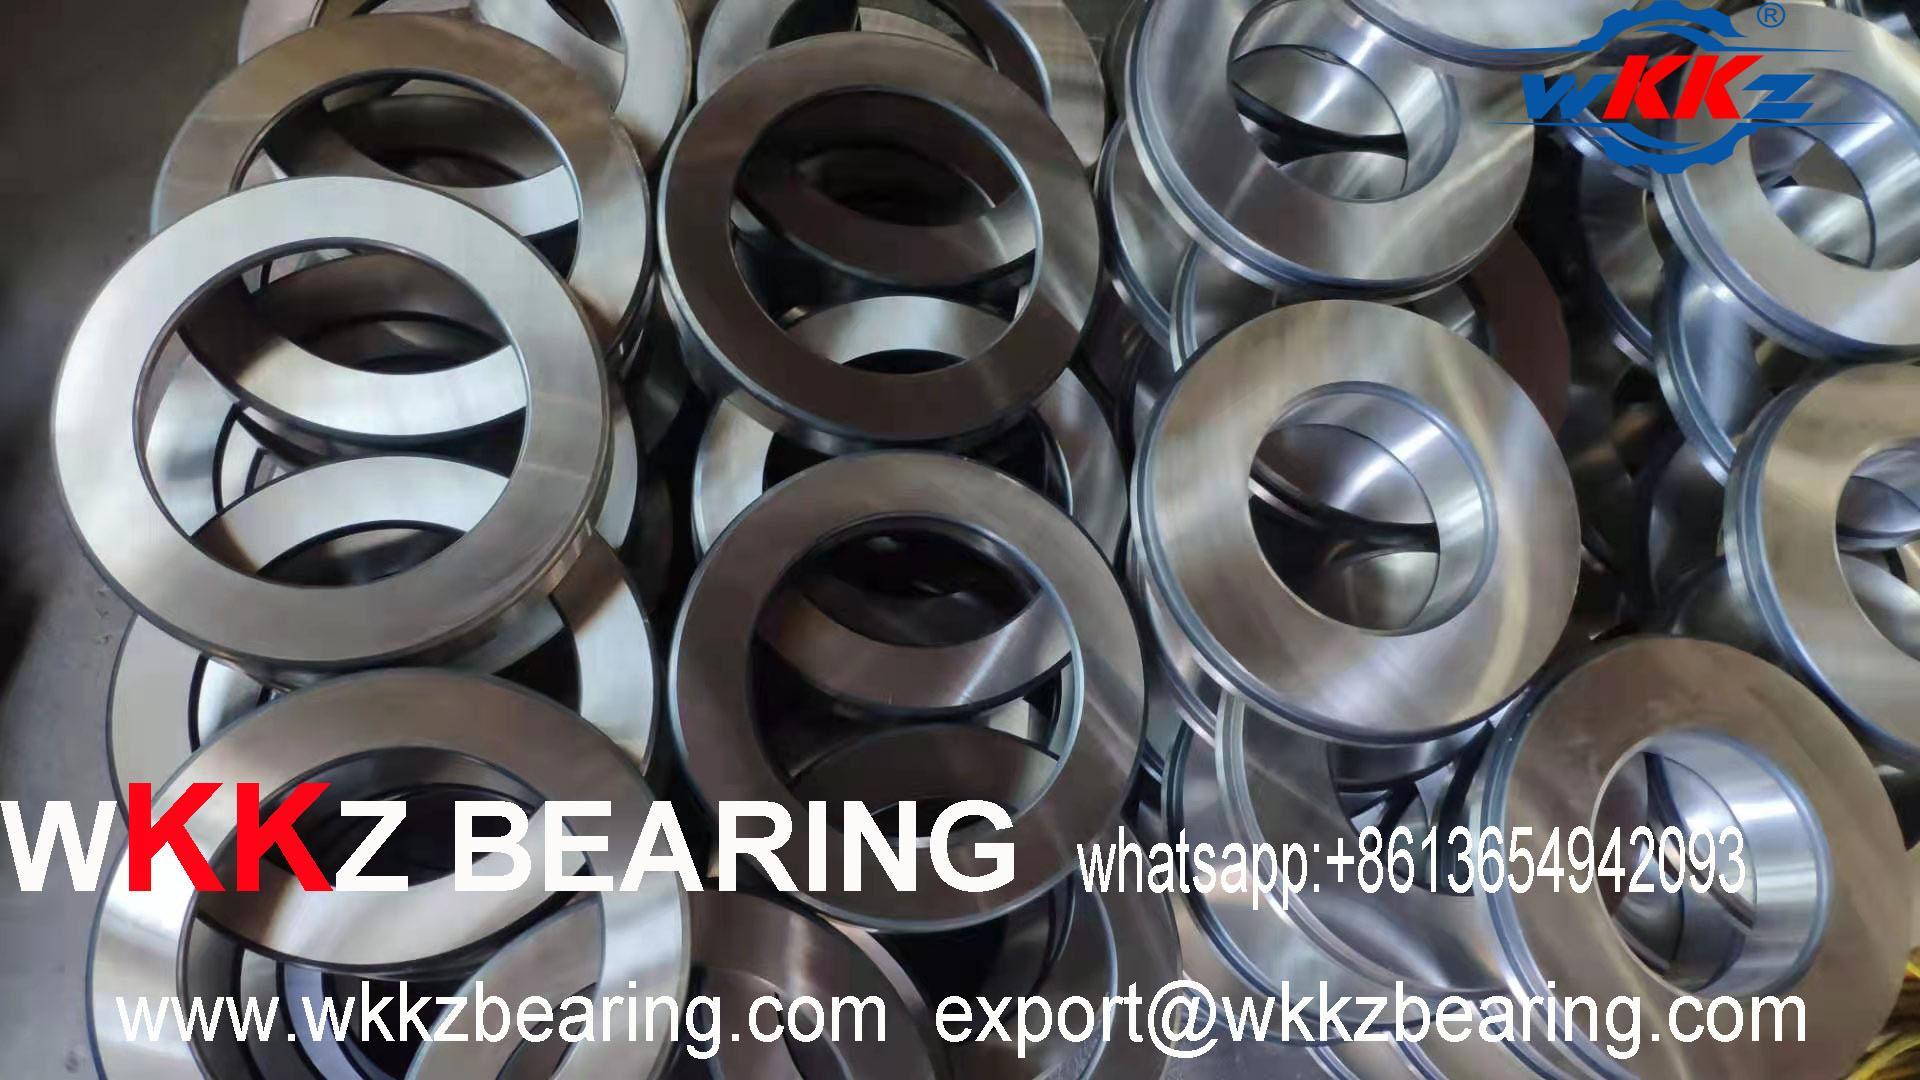 29317,29318,29320,29322 spherical roller thrust bearing,WKKZ BEARING 2